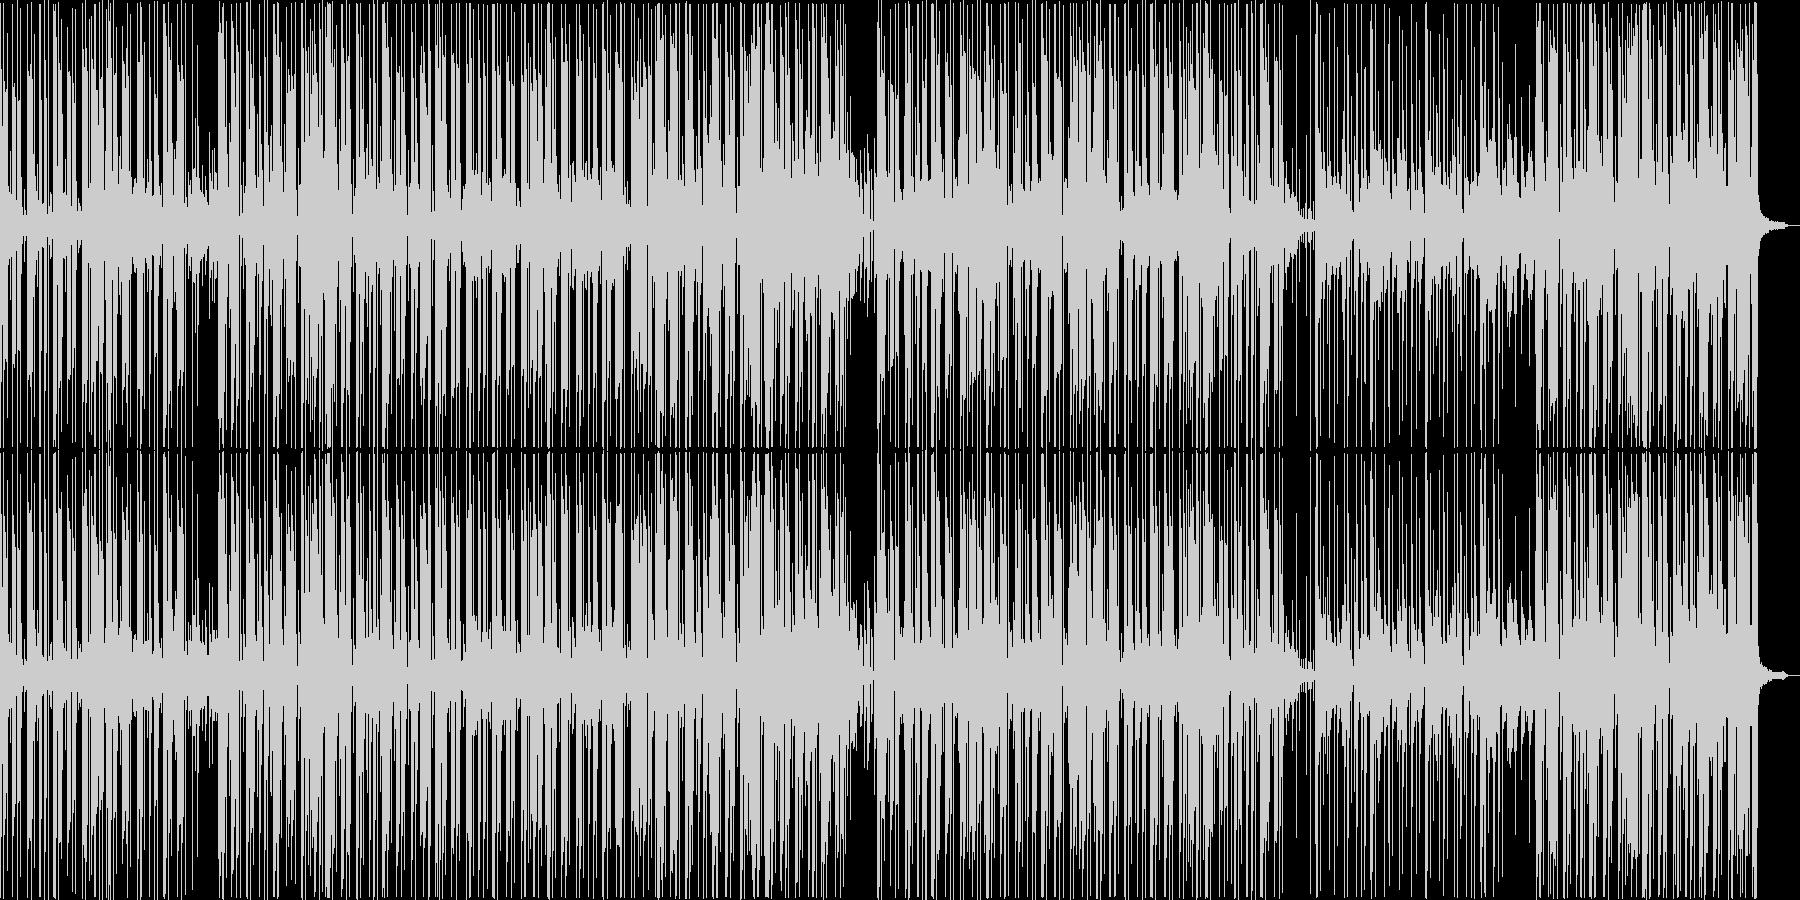 アダルトなグルーヴのアシッドジャズの未再生の波形